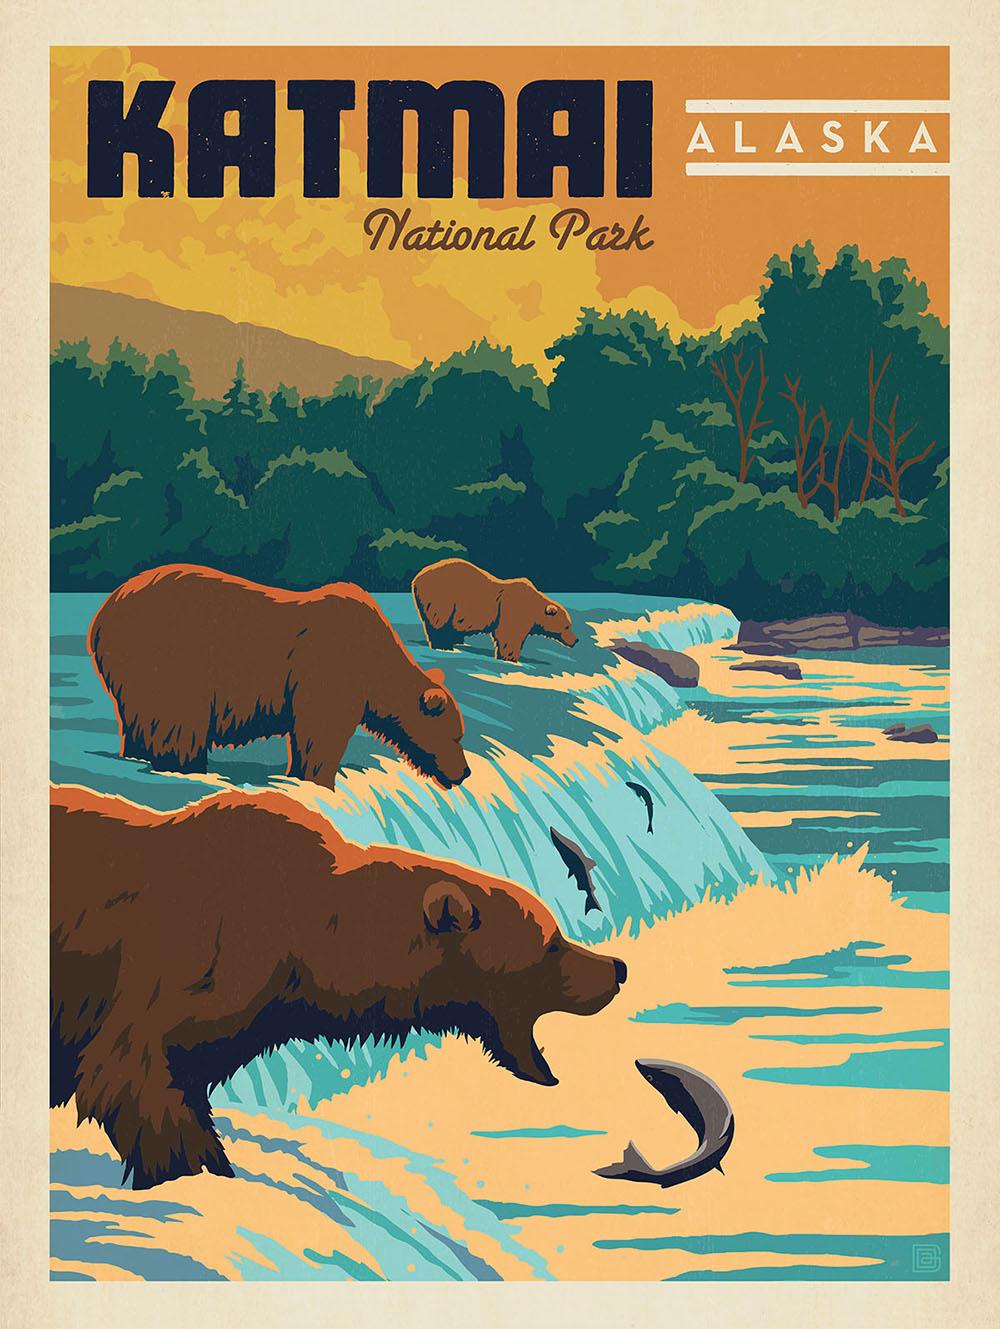 National Park no. 44, Alaska, established in 1980